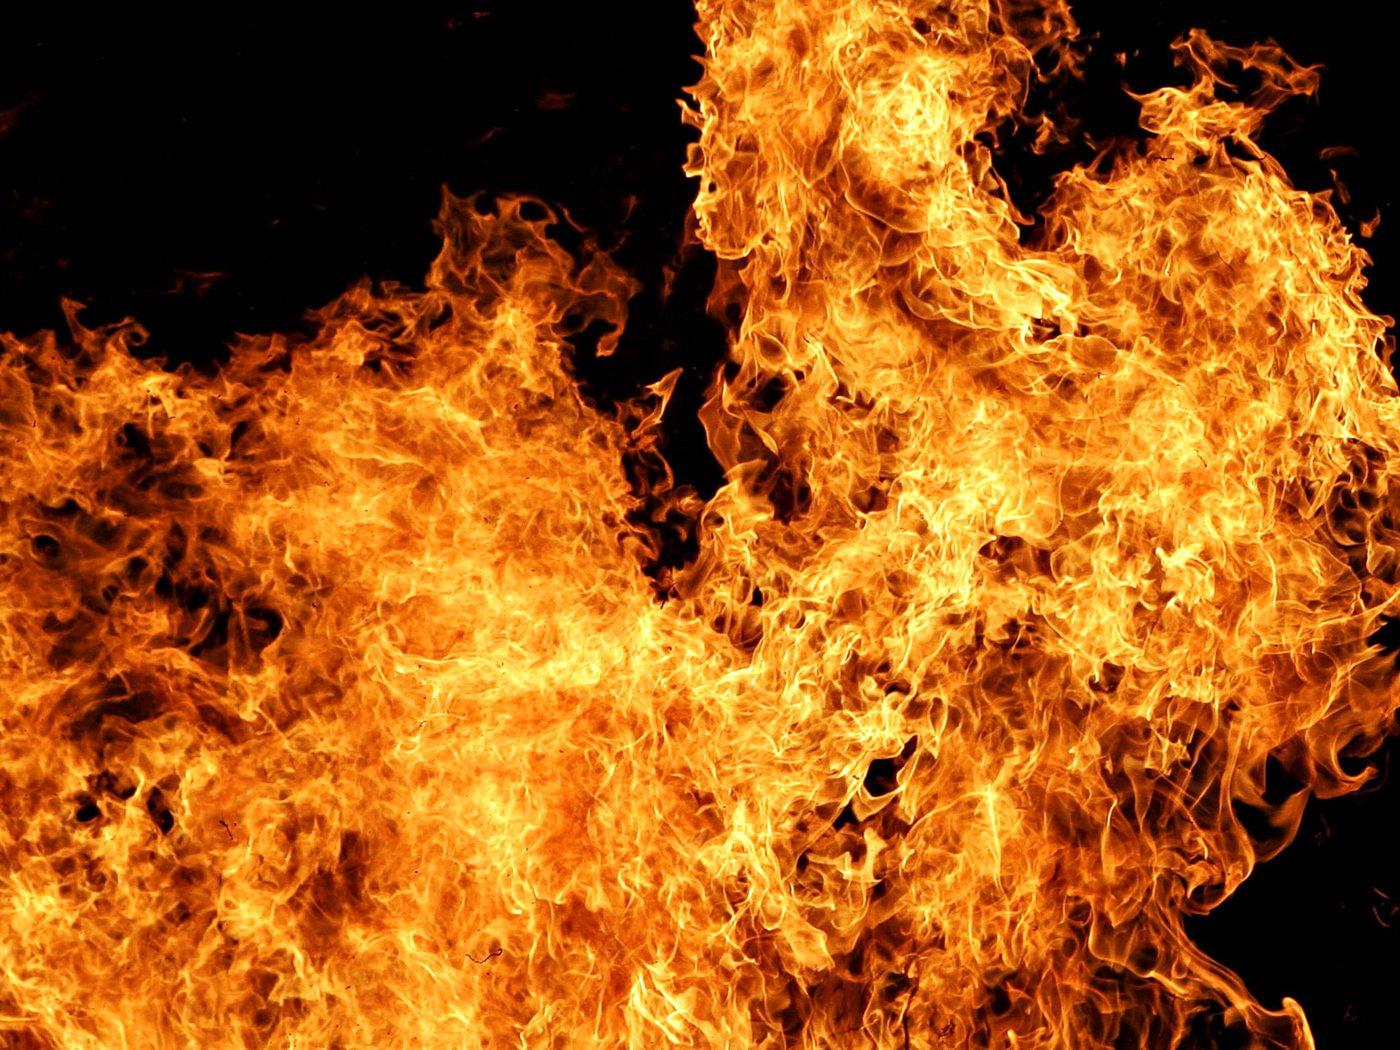 интенсивность картинки в высоком разрешении огонь праздник яркий будет